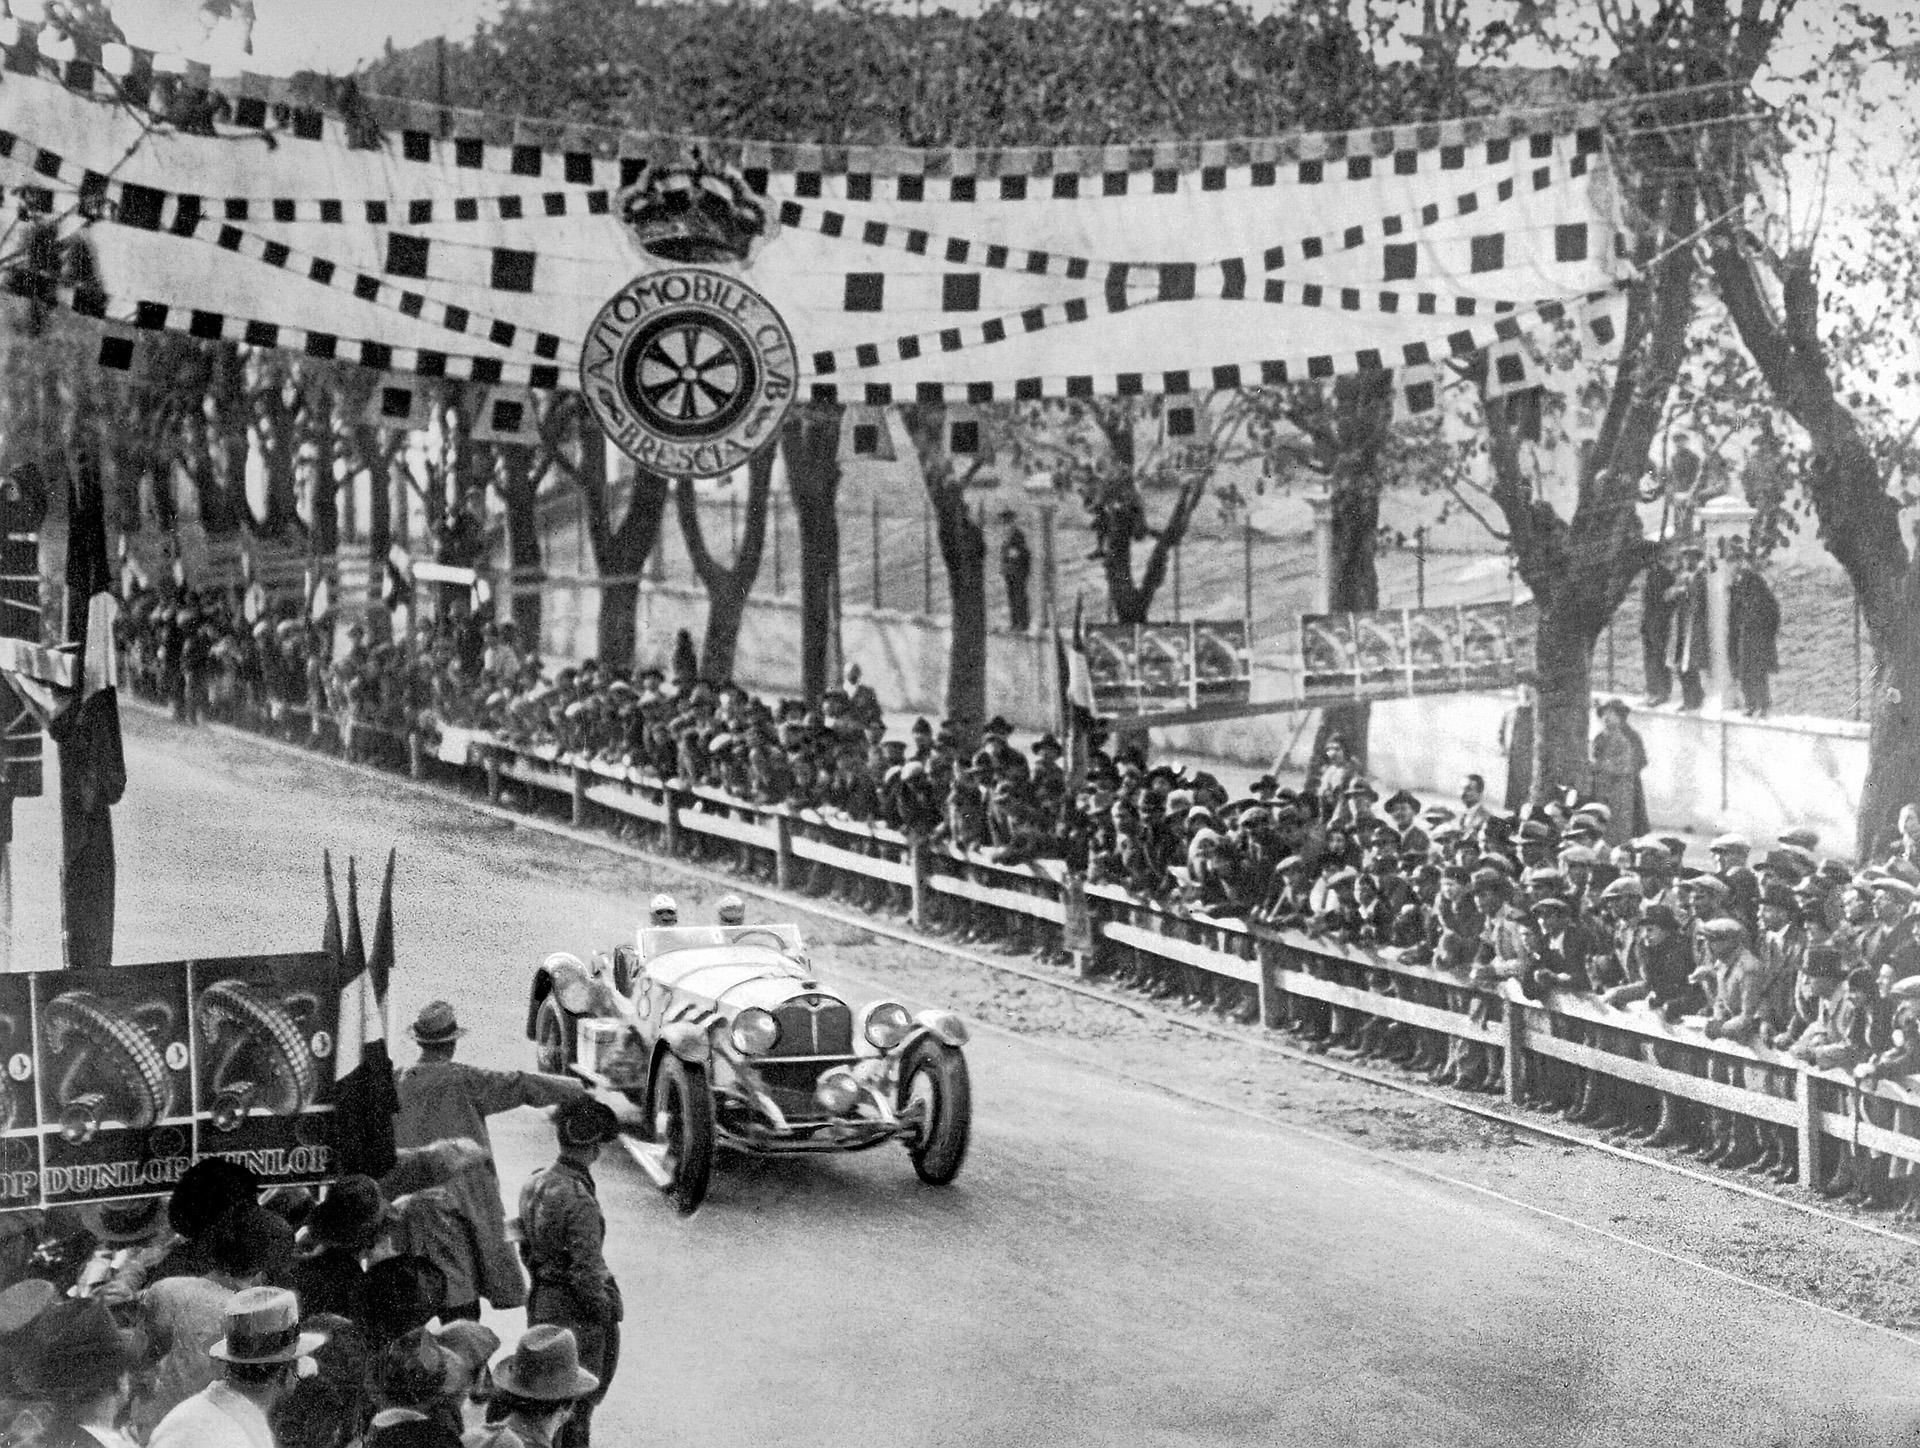 """1.000-Meilen-Rennen """"Mille Miglia"""" mit Start und Ziel in Brescia, 12./13. April 1931. Der Sieger Rudolf Caracciola mit Beifahrer Wilhelm Sebastian (Startnummer 87) im Ziel auf Mercedes-Benz Typ SSKL (W 06 RS). Zum ersten Mal wird damit ein nicht aus Italien stammender Rennfahrer Gesamtsieger dieses berühmten italienischen Rennens"""